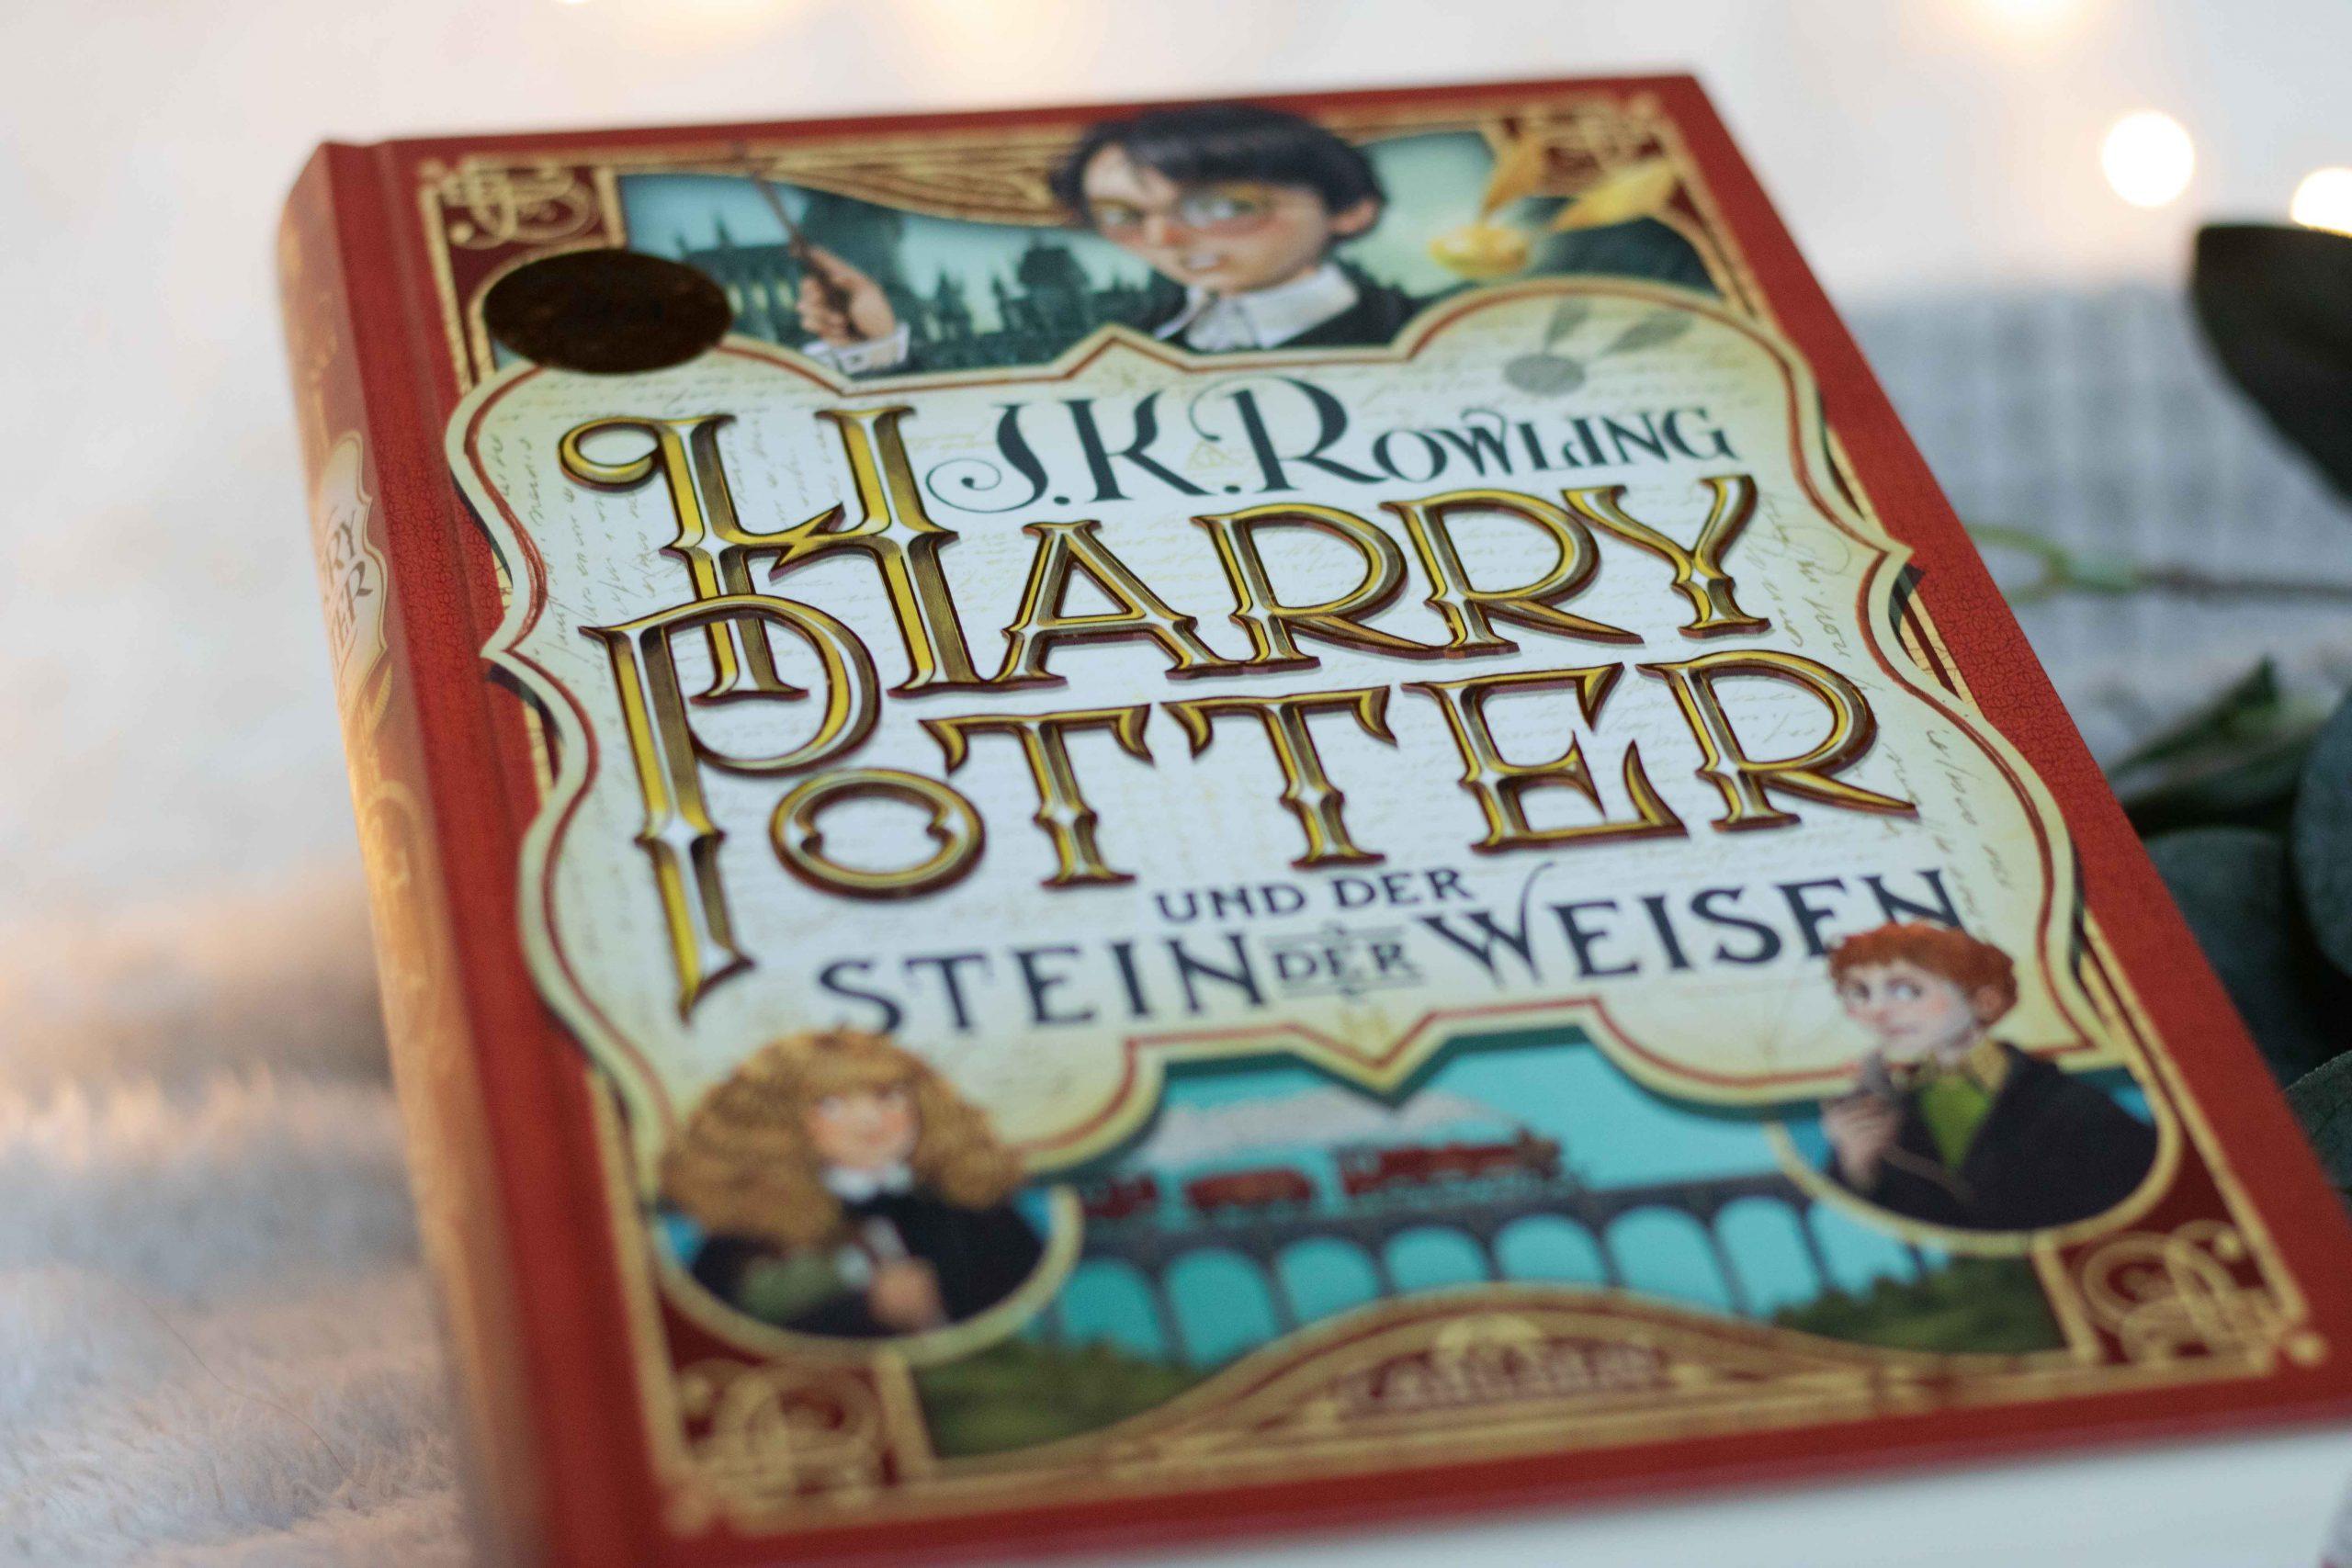 Harry Potter und der Stein der Weisen | J.K. Rowling